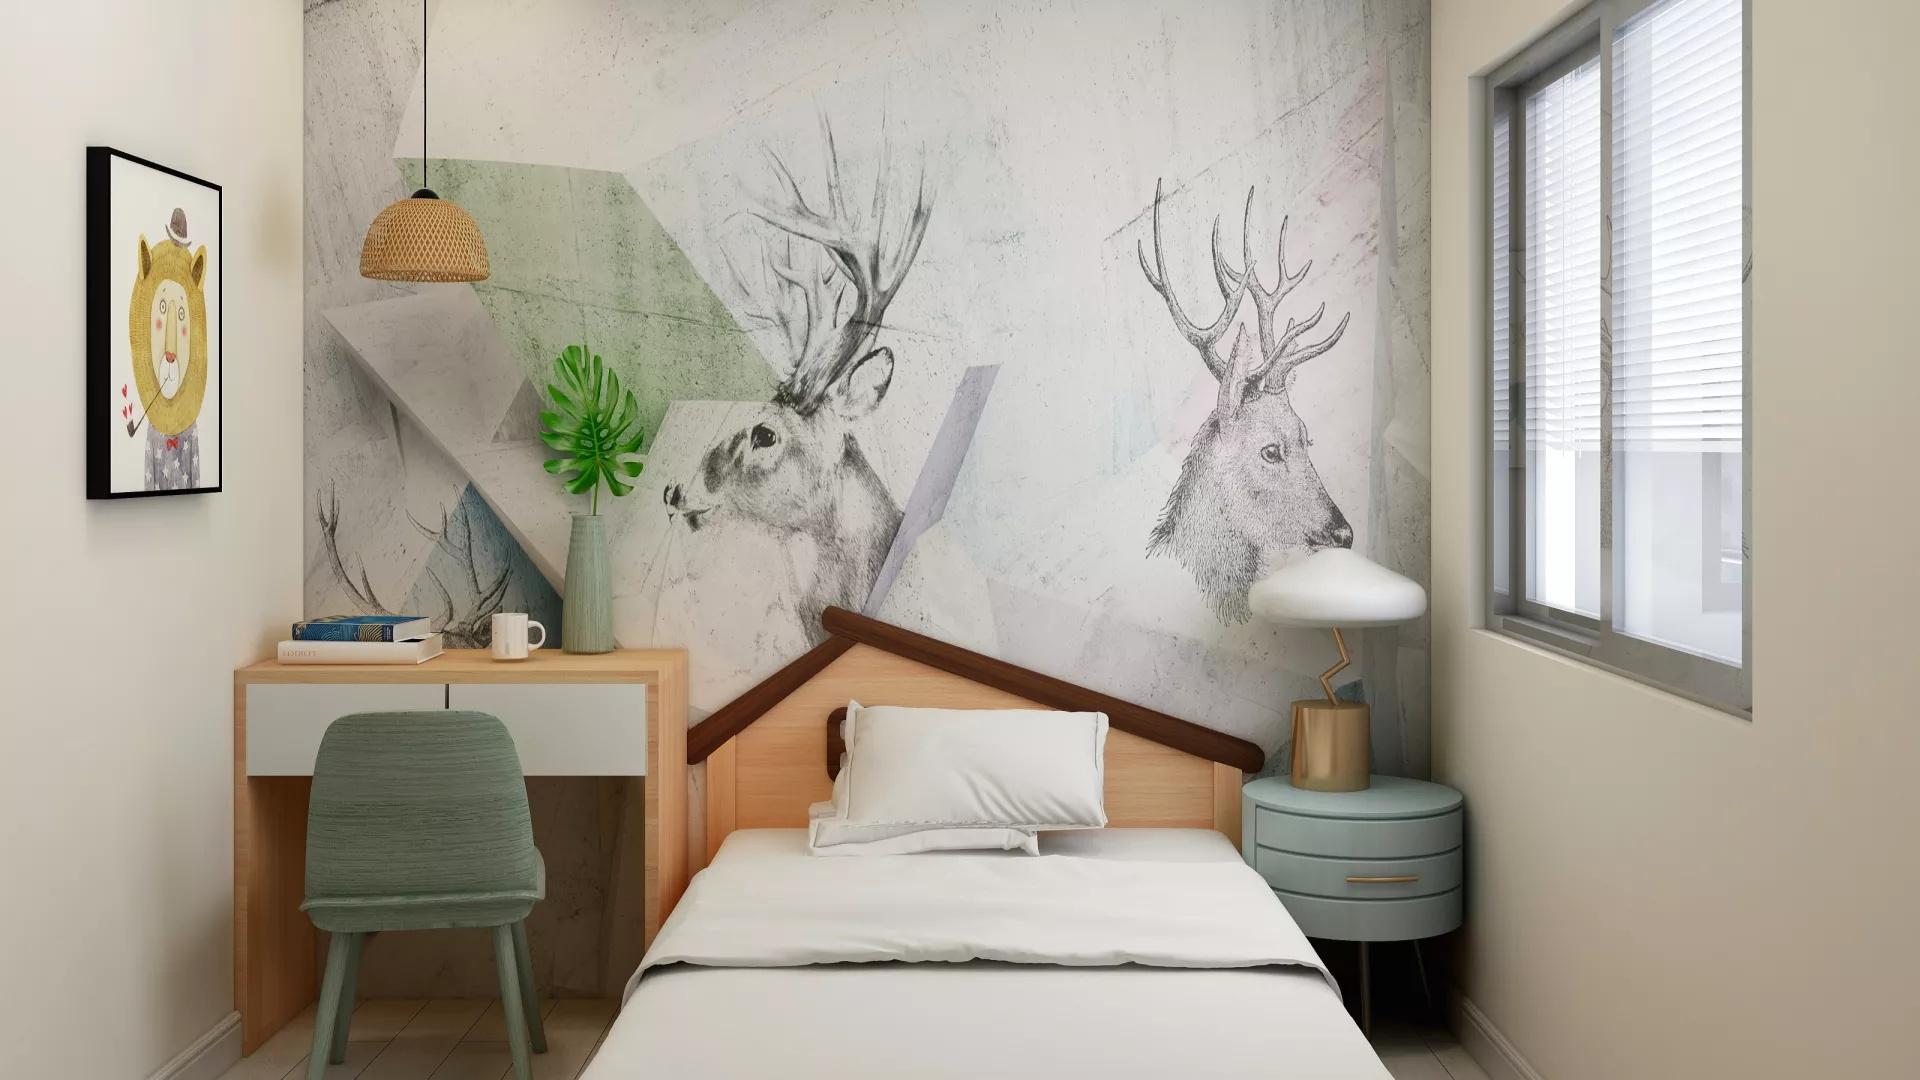 三居室简约现代风格家居装修效果图